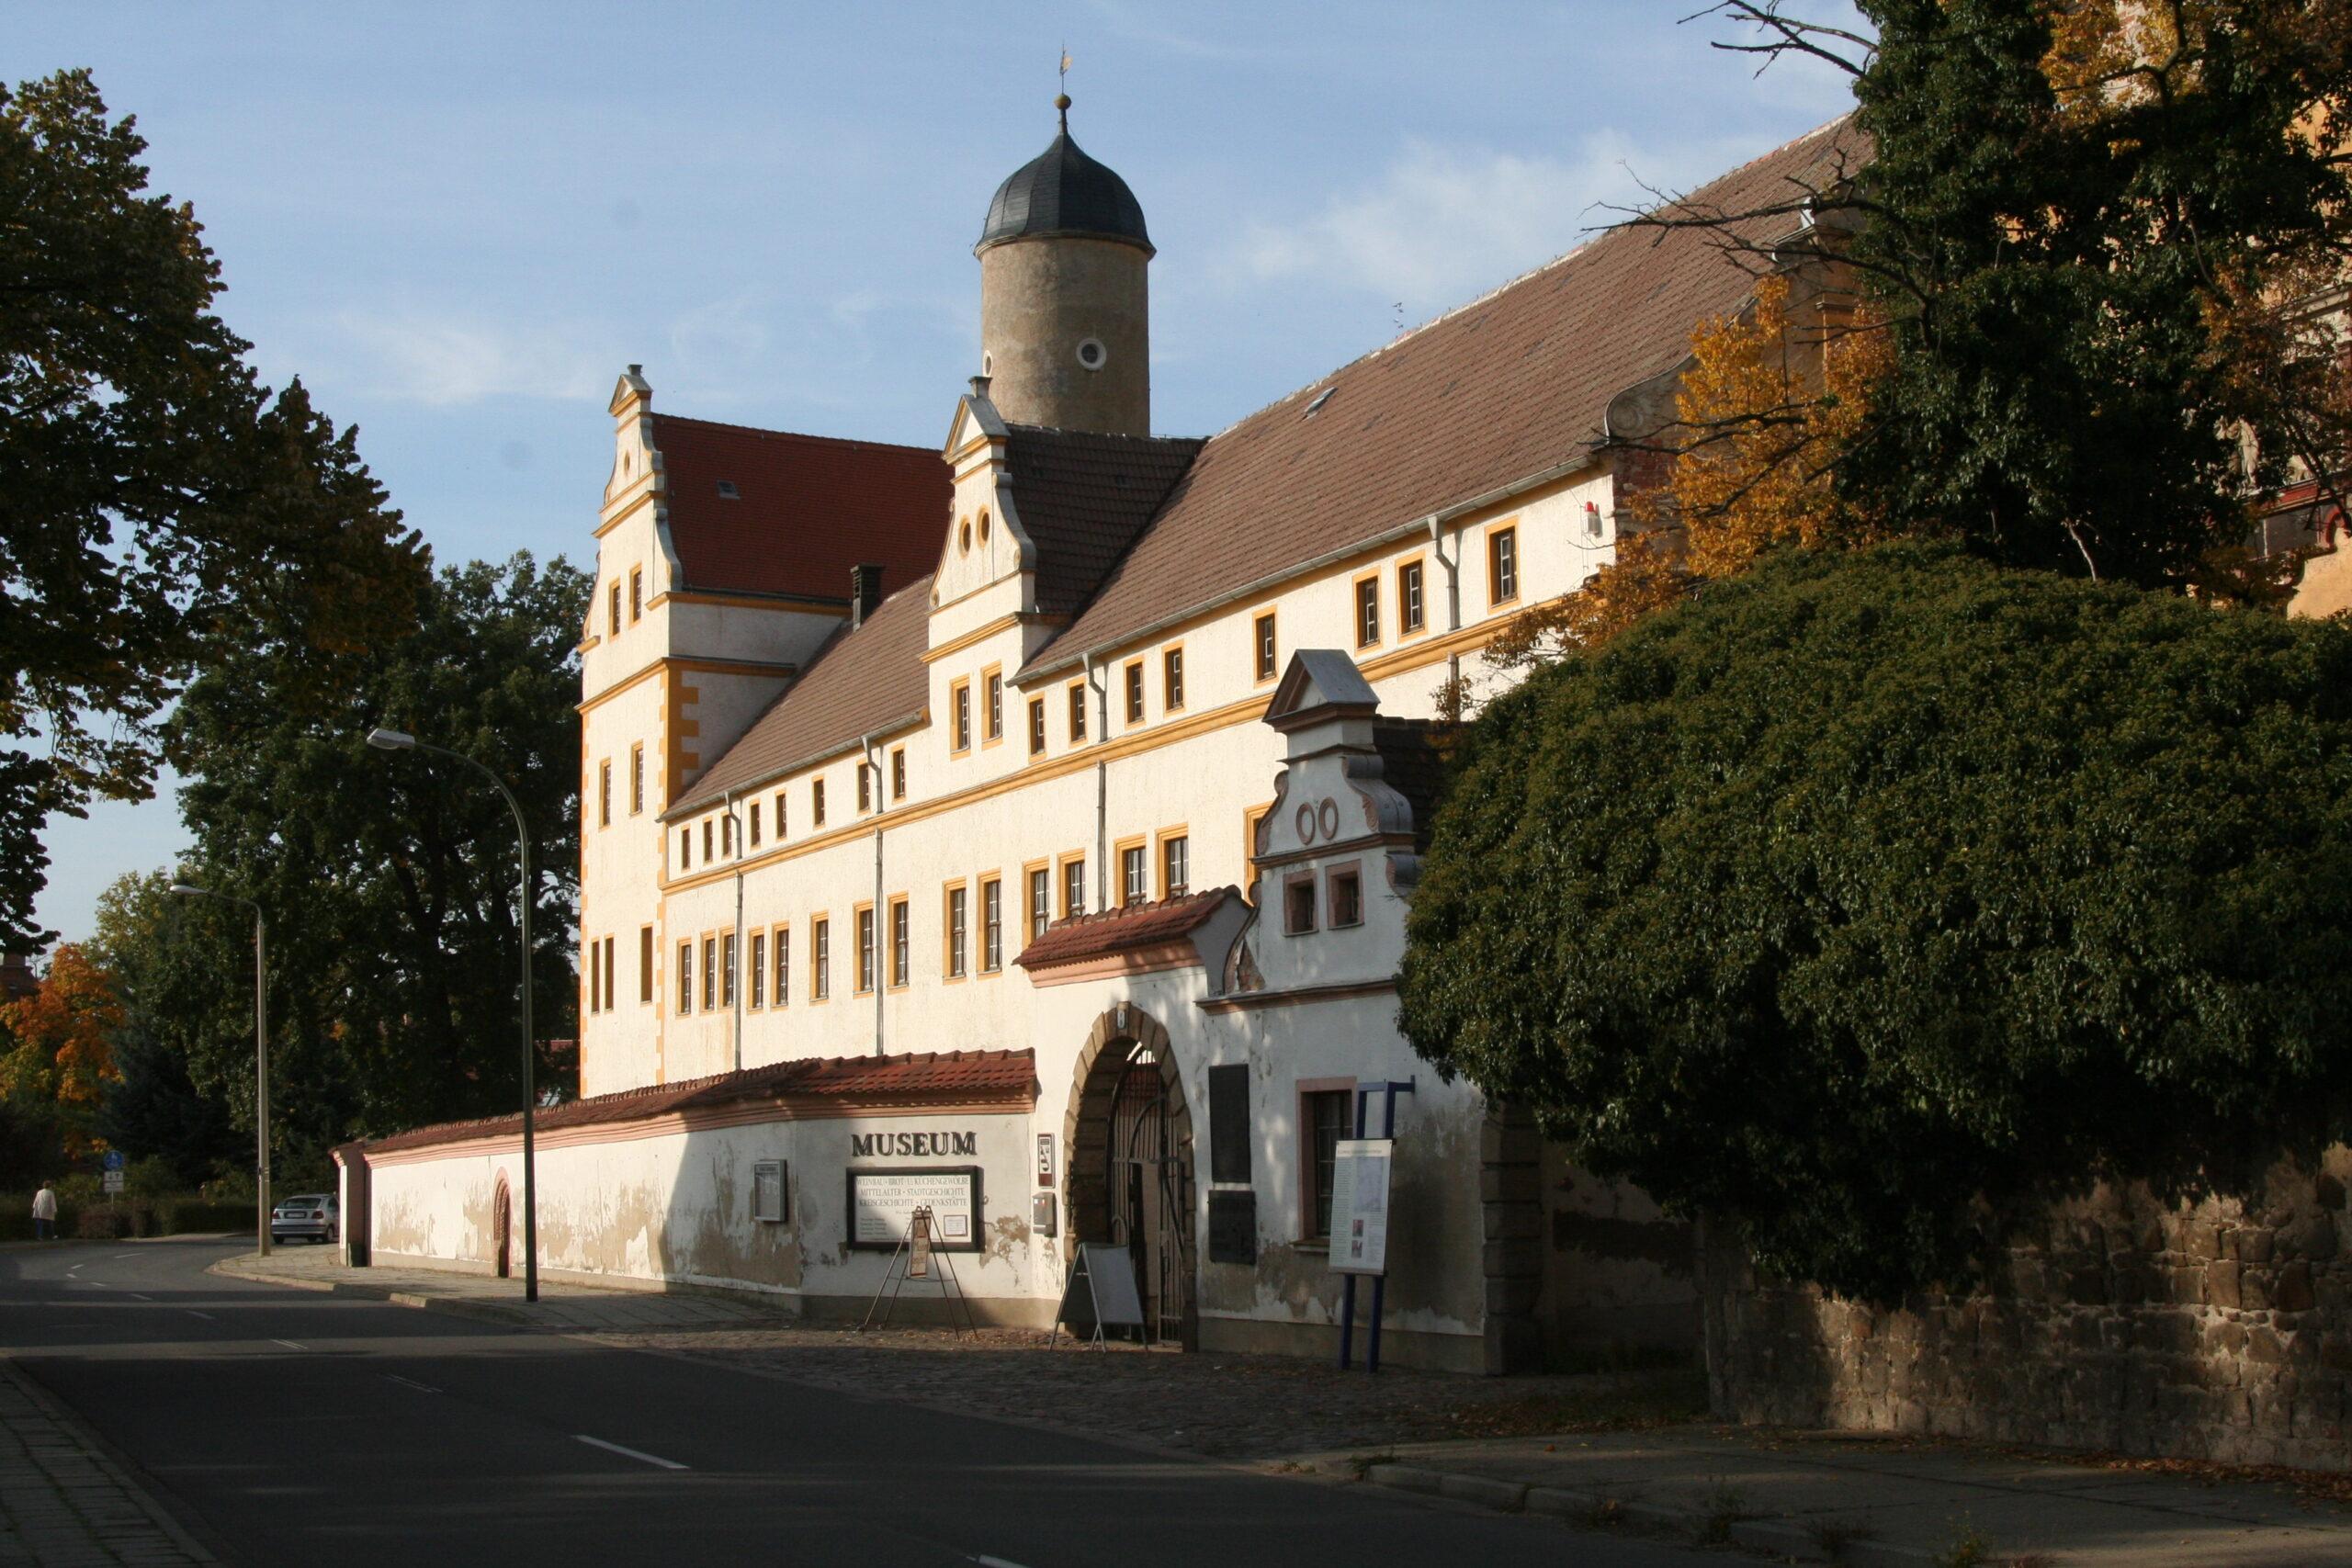 Eingang zum Schloss Museum Lichtenburg